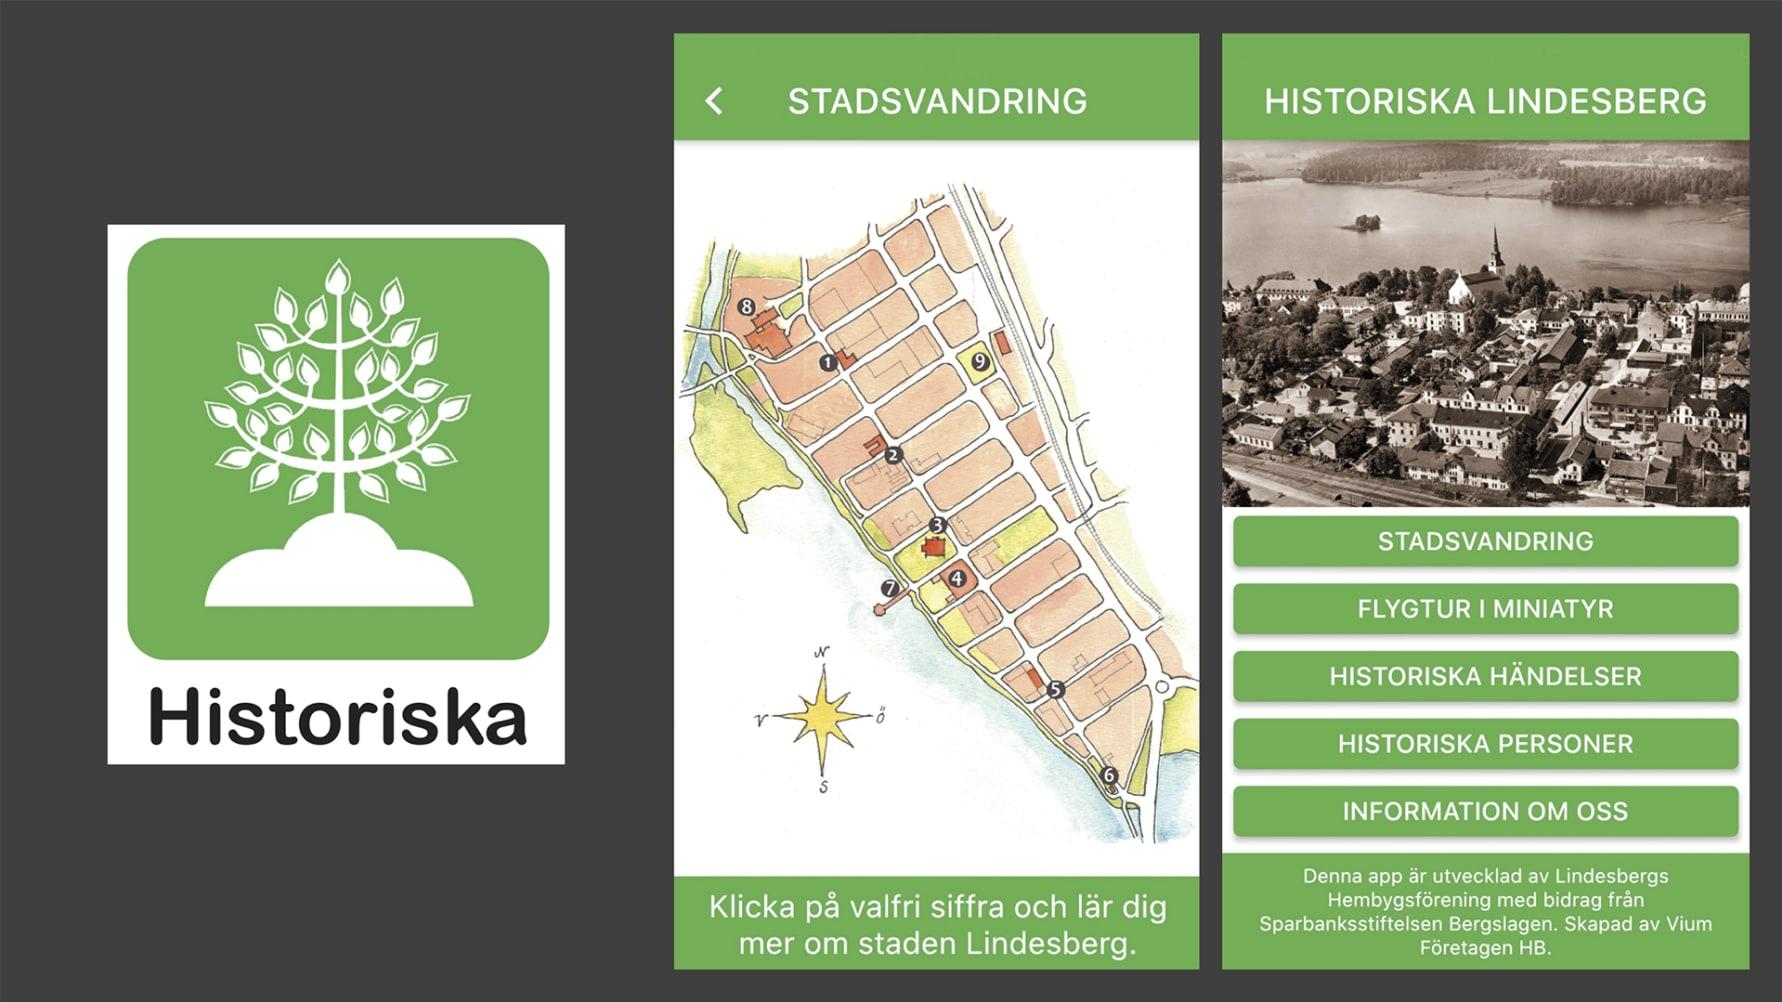 Bergslagens Sparbank: Ny app lyfter historiska Lindesberg